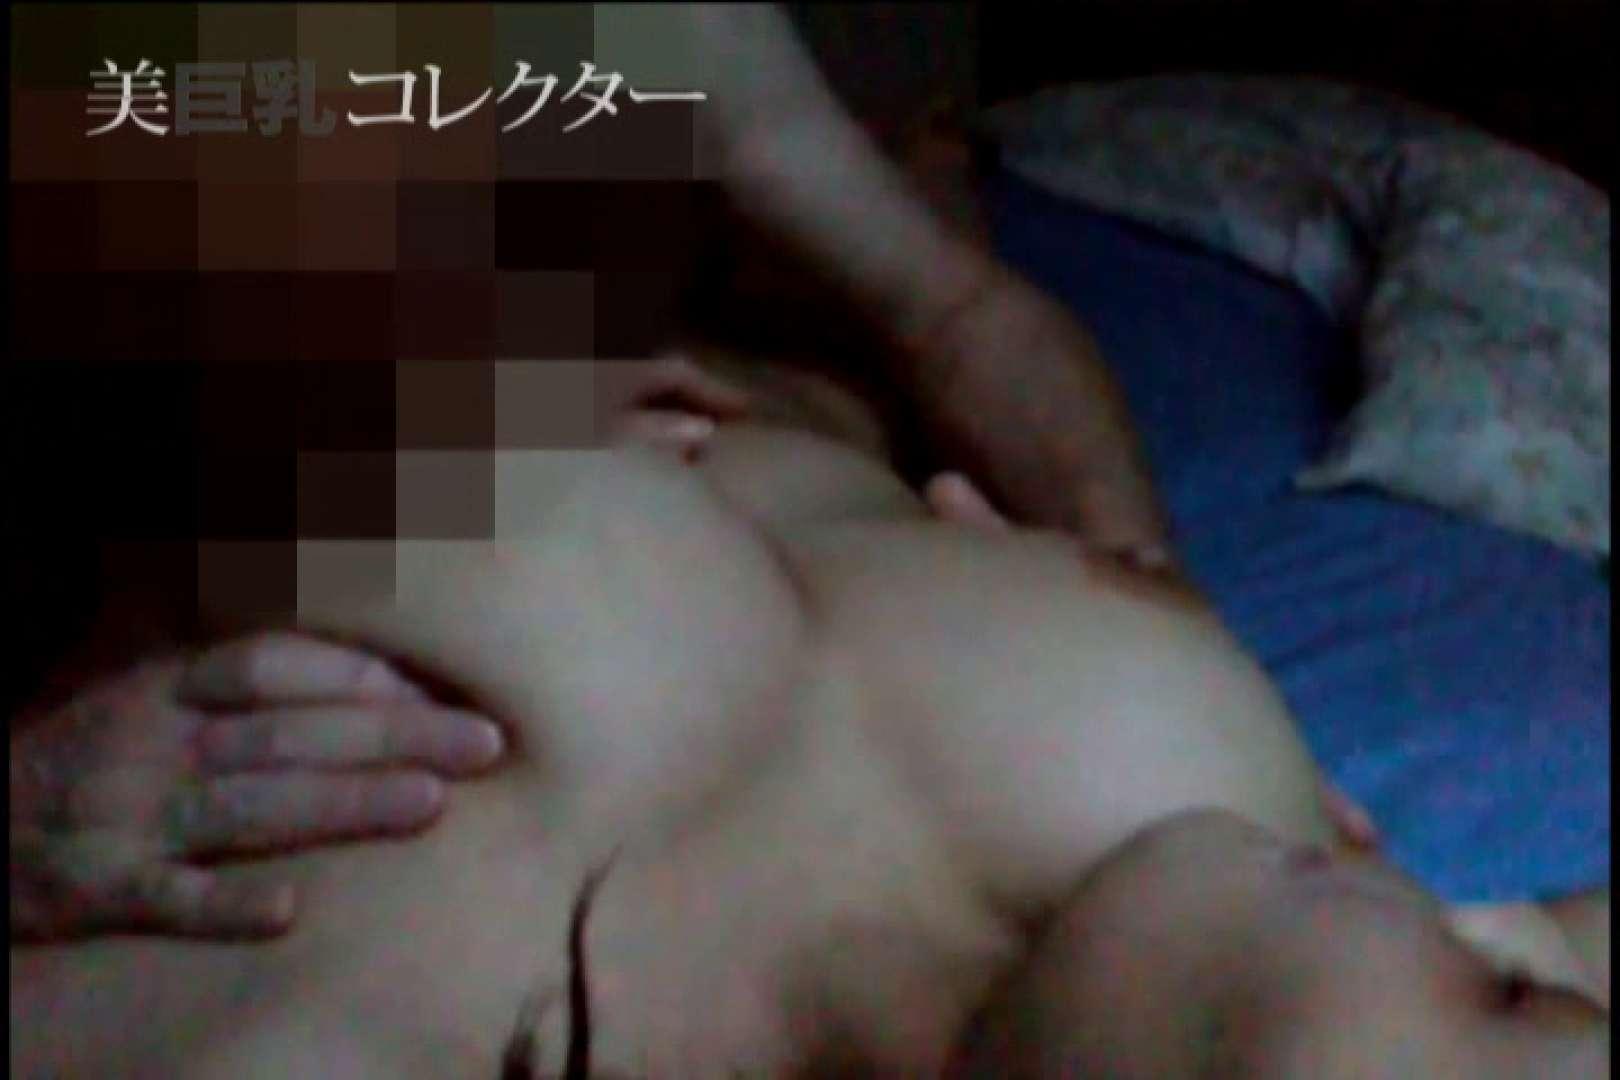 泥酔Hカップ爆乳ギャル3 SEX  58pic 52